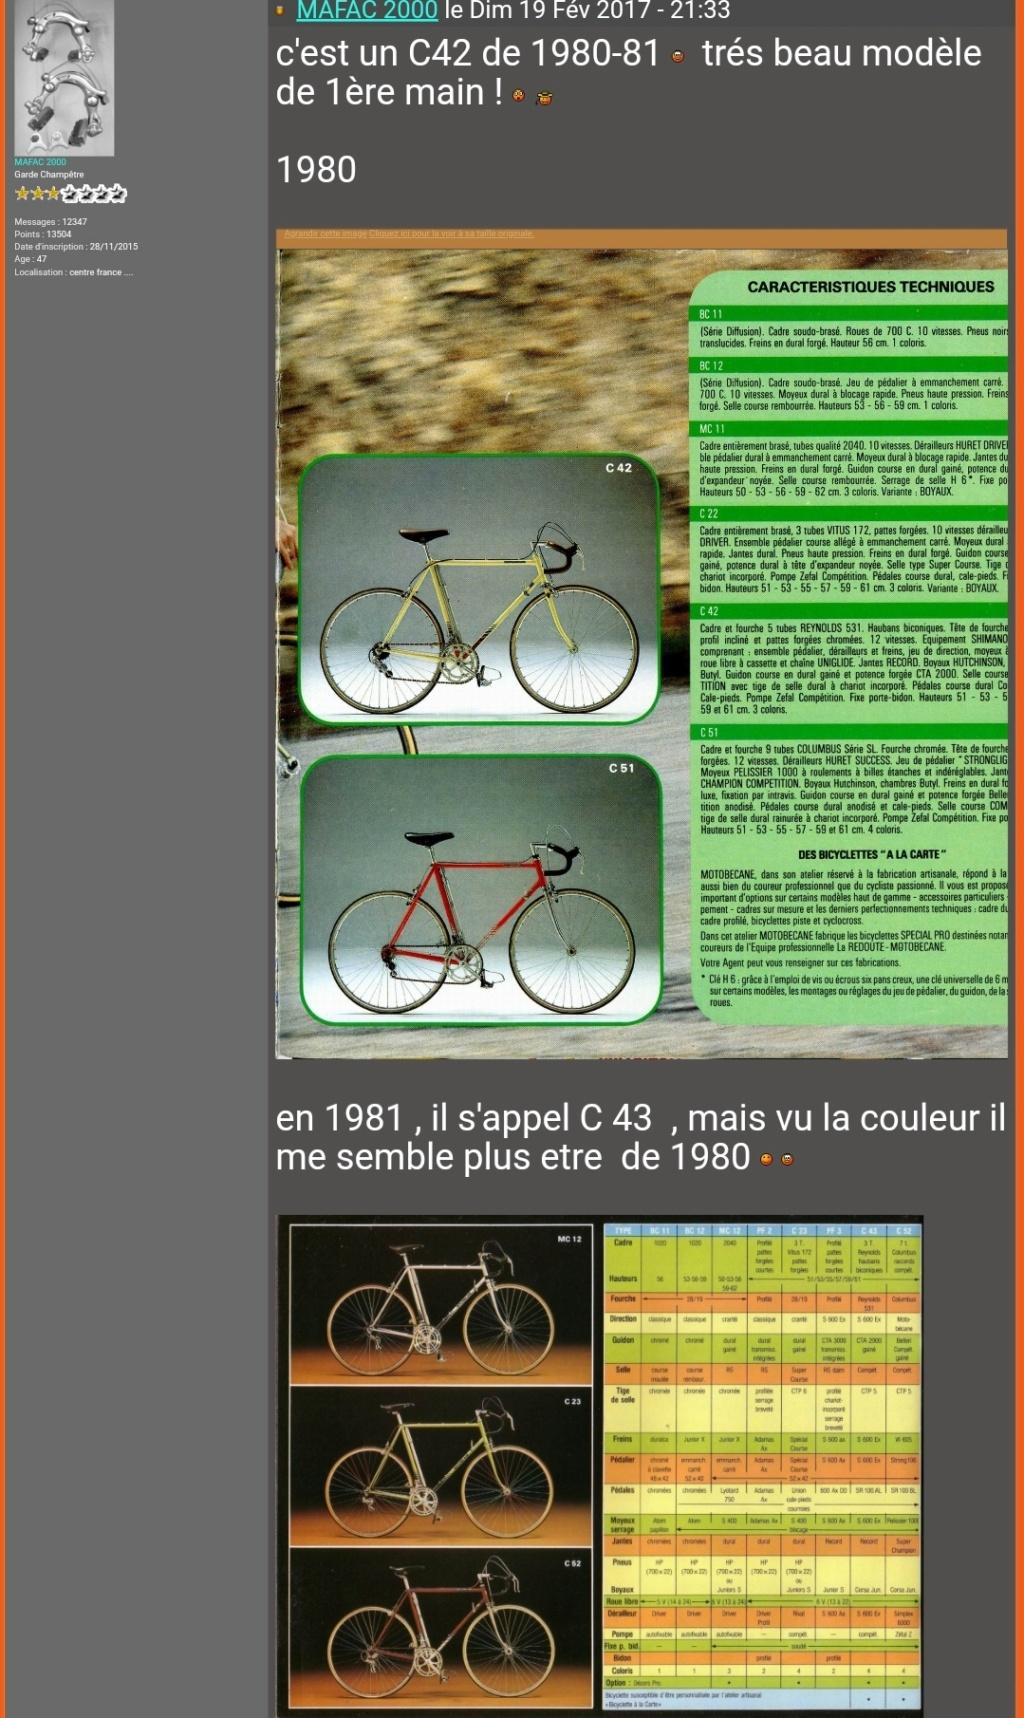 Motobecane C42 1980 Screen91